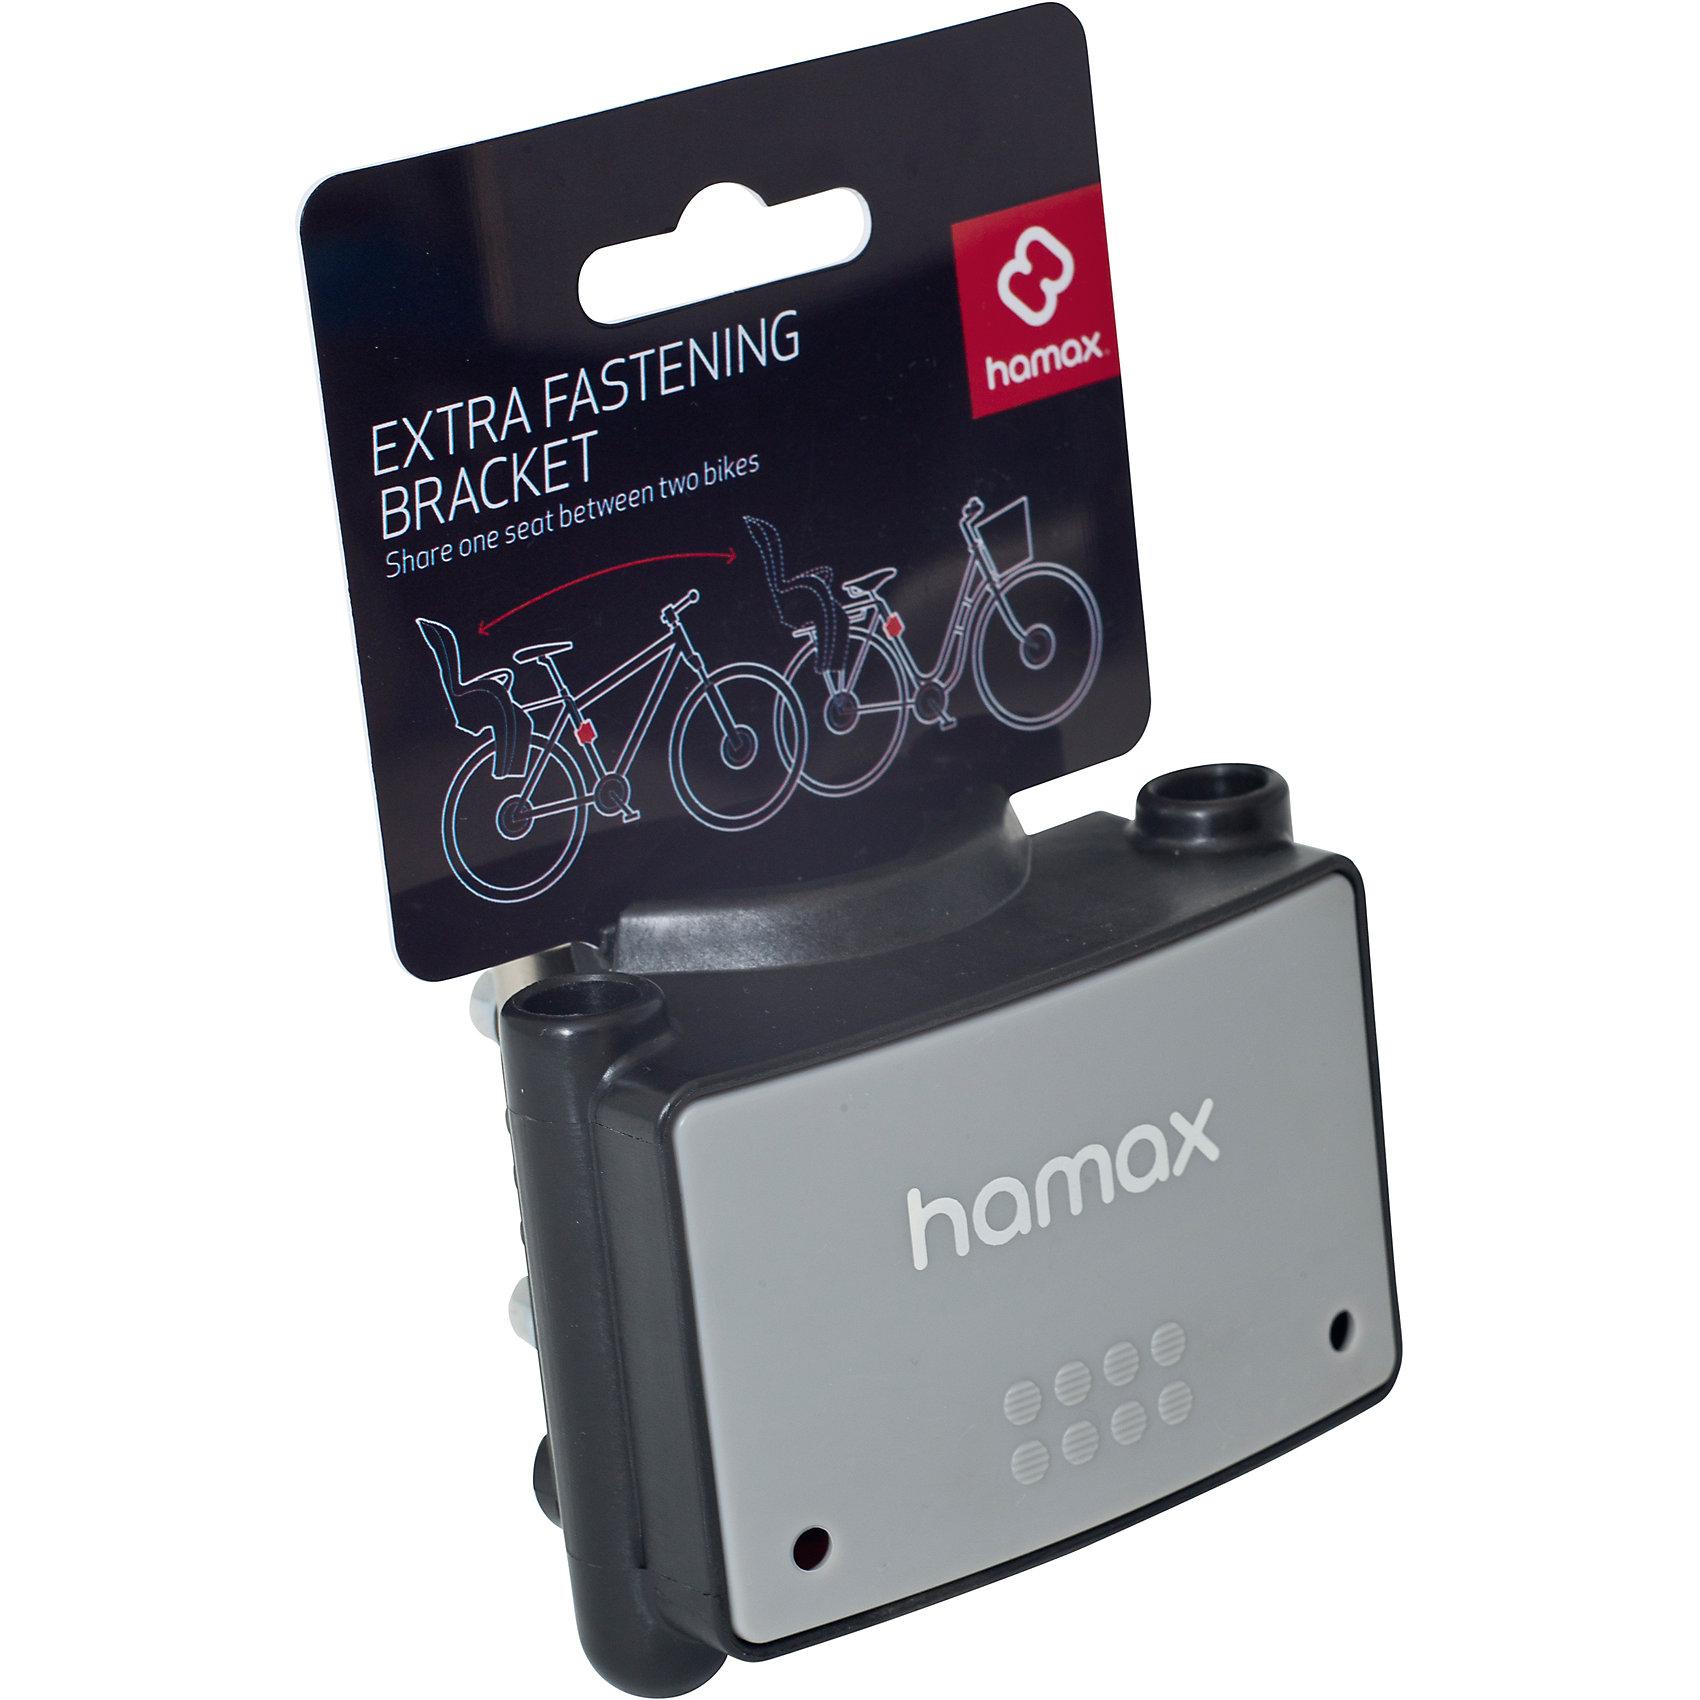 Фиксатор кресла Fastening Bracket, Hamax, серыйАксеcсуары для велосипедов<br>Характеристики товара:<br><br>• цвет: серый<br>• совместим со всеми моделями велокресел HAMAX<br>• запасной держатель позволяет быстро переставлять велокресло с одного велосипеда на другой<br>• тип установки: на подседельную трубу<br>• подходит для рам диаметром 28-40 мм <br>• размеры 12х10х7 см<br>• вес: 600 гр.<br>• страна бренда: Польша<br>• страна производитель: Китай<br><br>Фиксатор кресла Fastening Bracket, Hamax, серый можно купить в нашем интернет-магазине.<br><br>Ширина мм: 110<br>Глубина мм: 165<br>Высота мм: 65<br>Вес г: 362<br>Возраст от месяцев: 9<br>Возраст до месяцев: 48<br>Пол: Унисекс<br>Возраст: Детский<br>SKU: 5582630